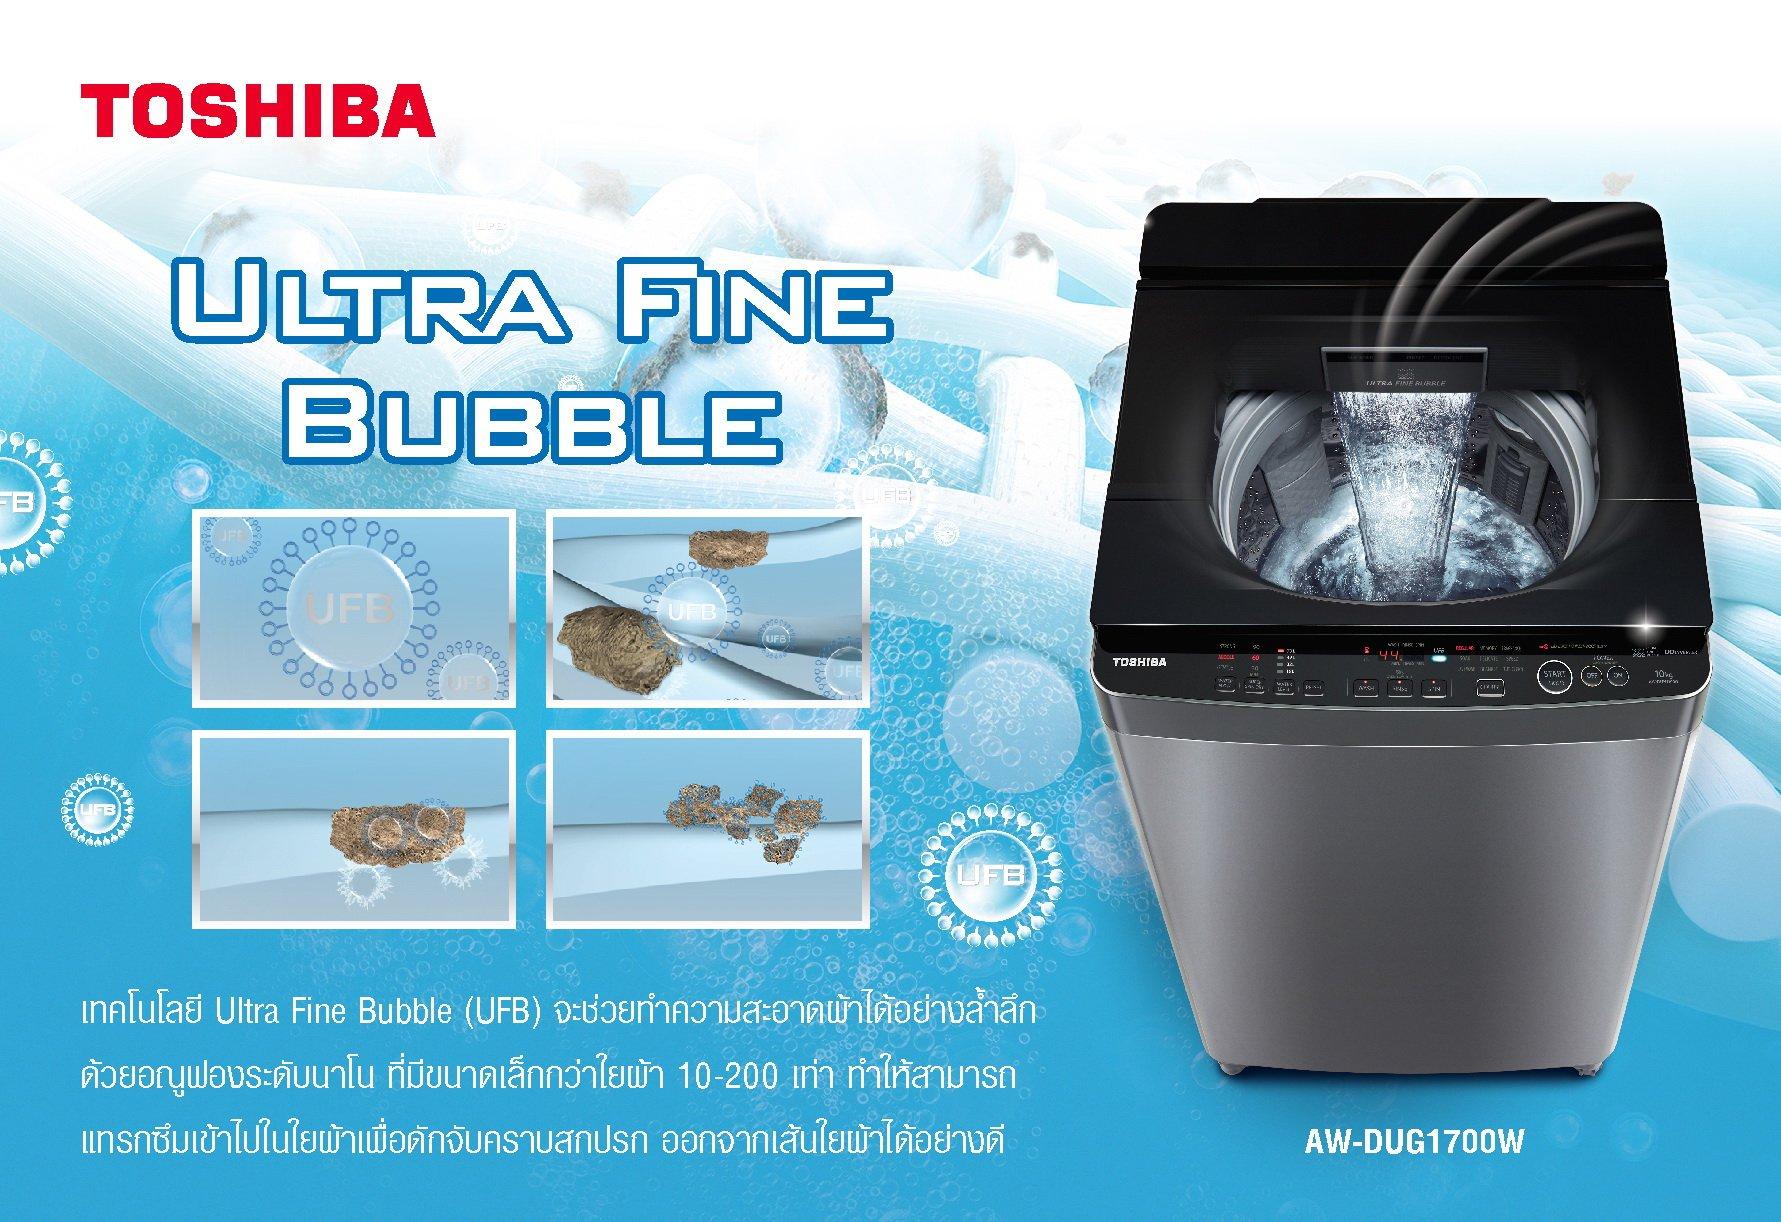 ดูแลชุดโปรดด้วยสุดยอดเทคโนโลยีจากเครื่องซักผ้าโตชิบา 13 -